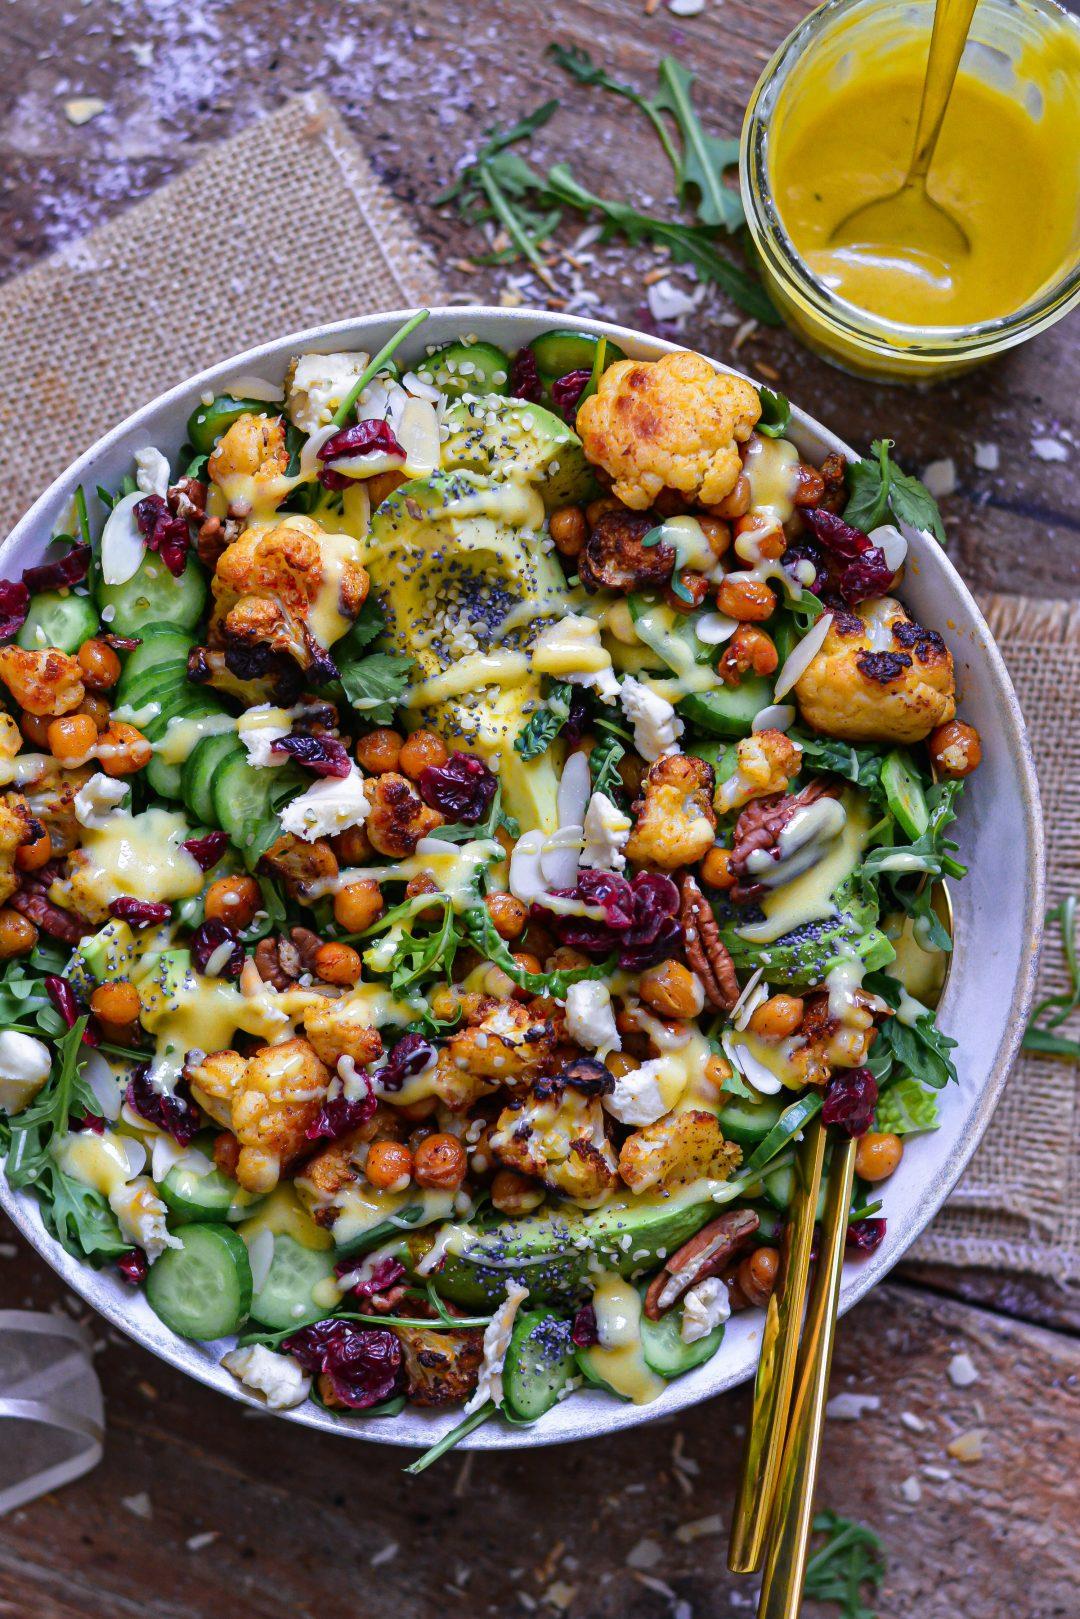 Salade Vegan Chou-Fleur et Pois Chiches / Vegan Roasted Cauliflower & Chickpeas